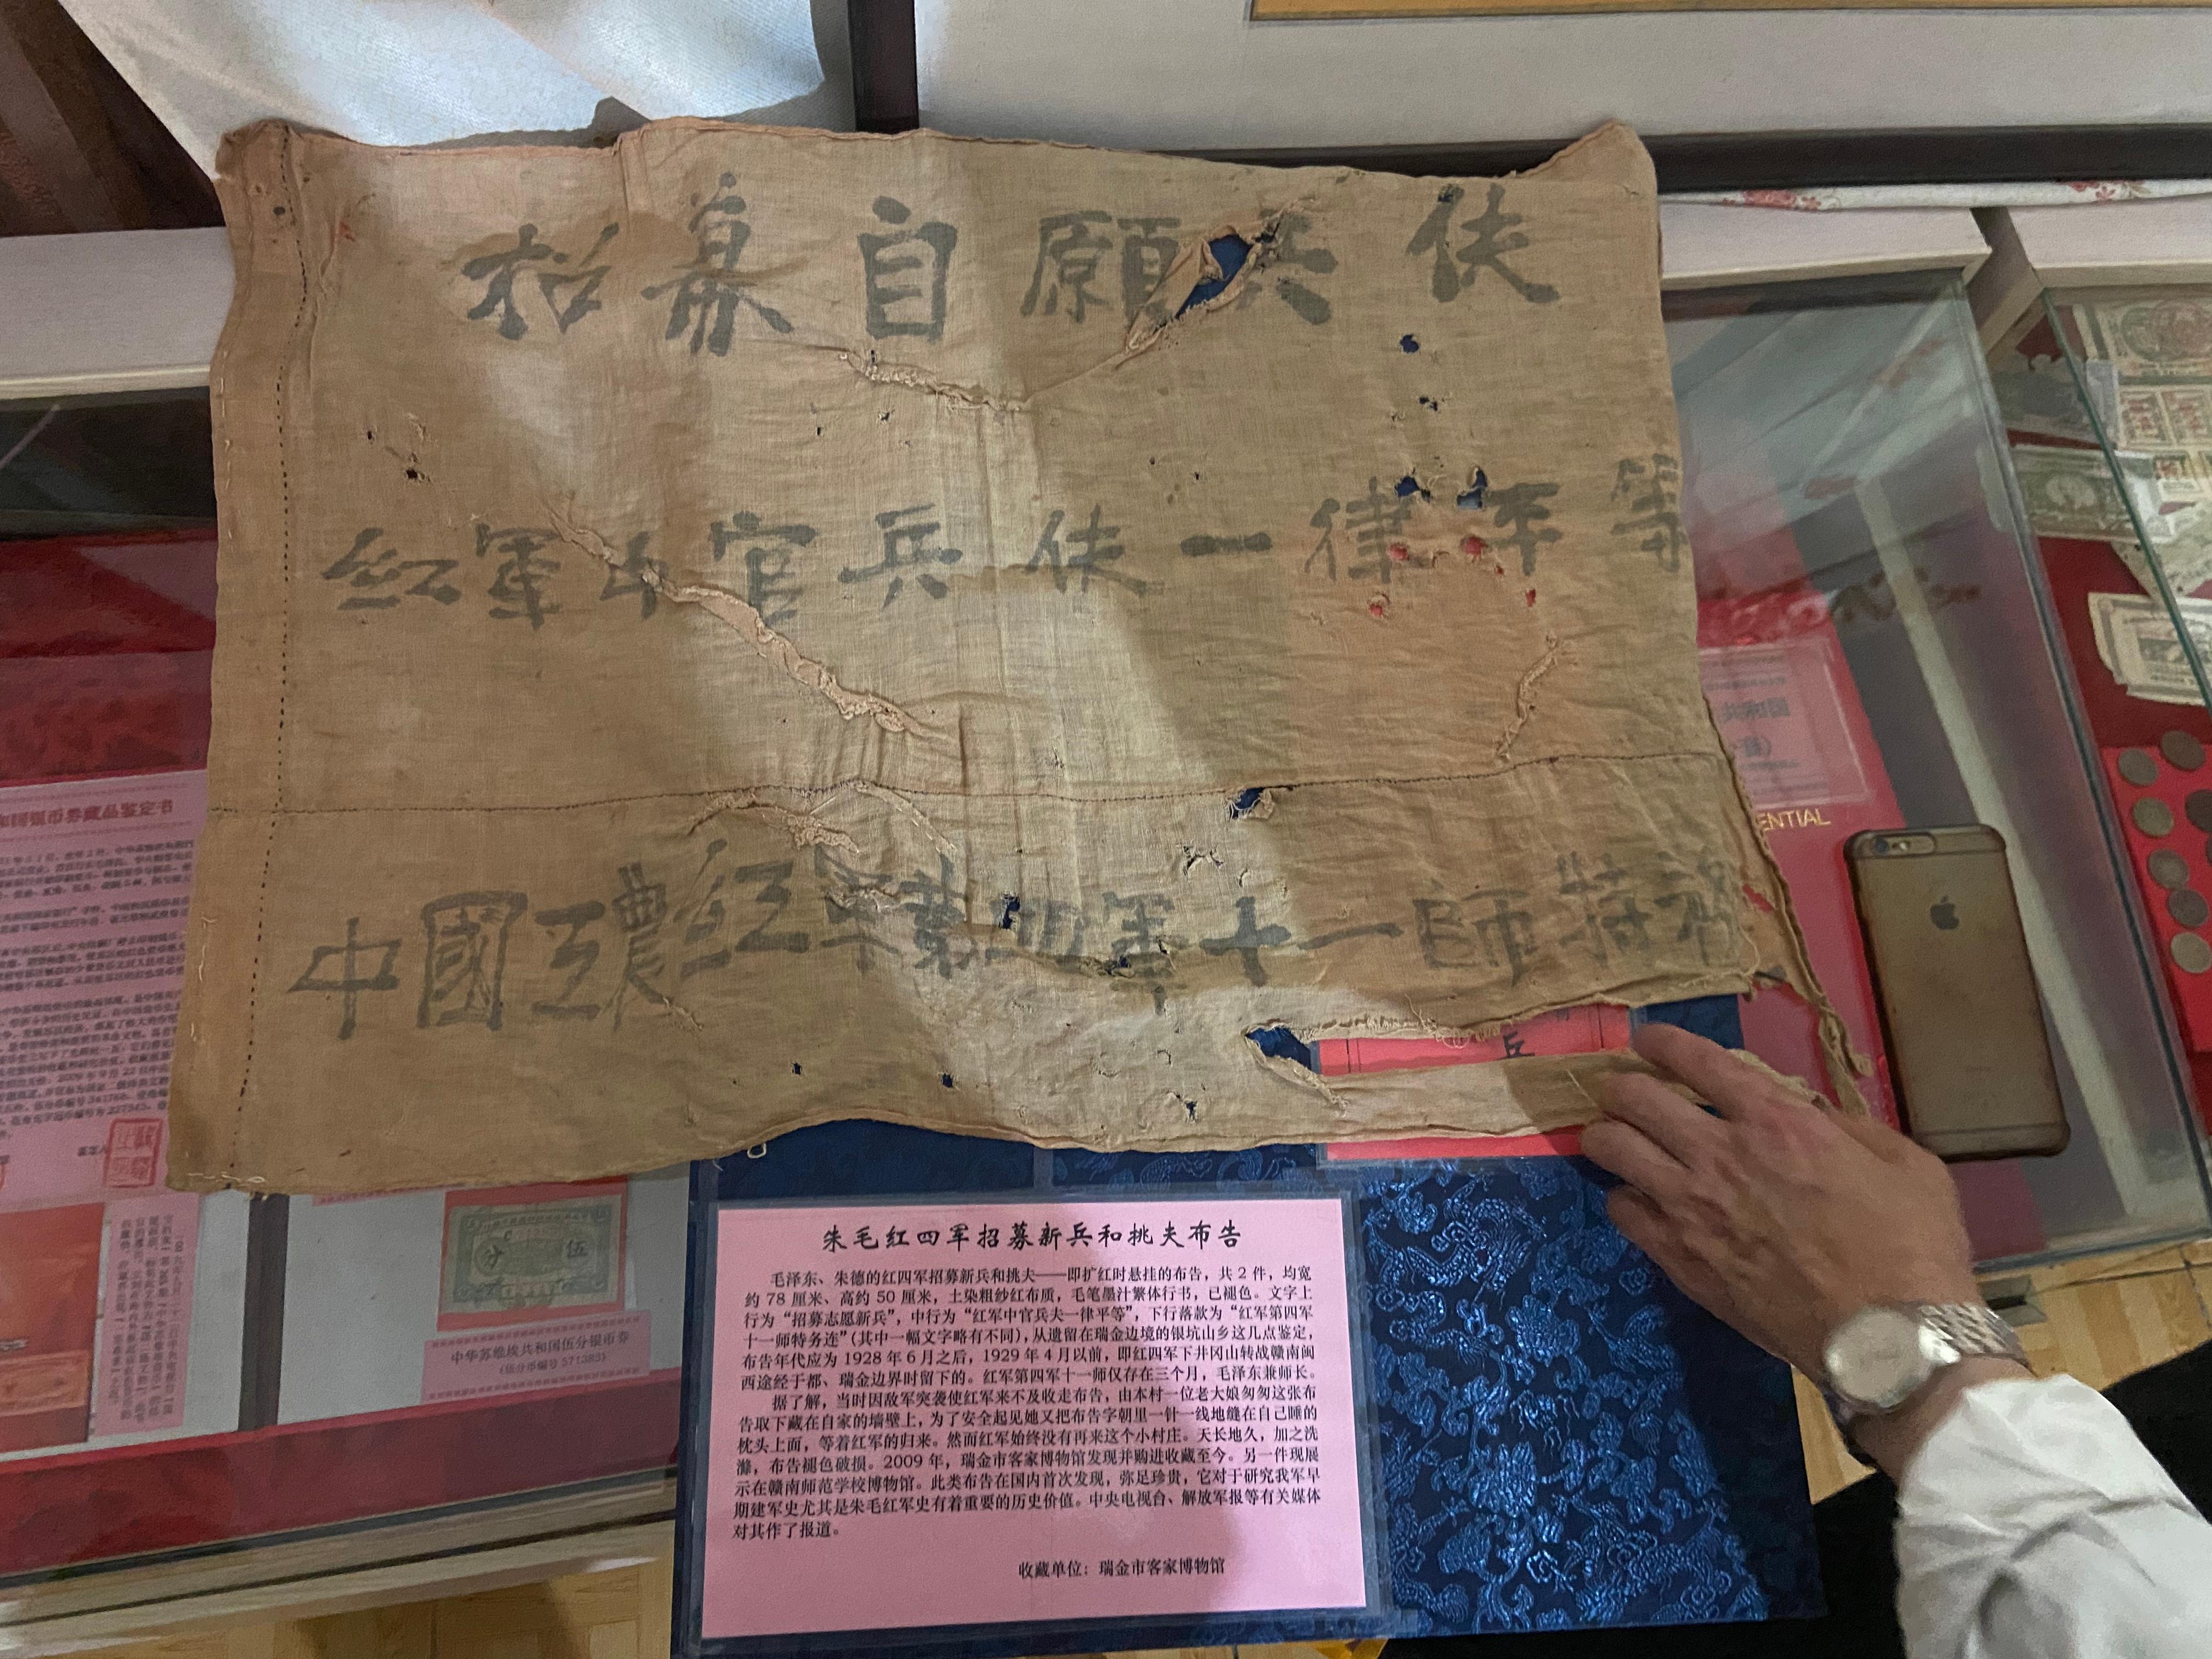 严帆收藏的珍贵历史文物—红四军招募新兵布告。澎湃新闻记者 赵思维 摄